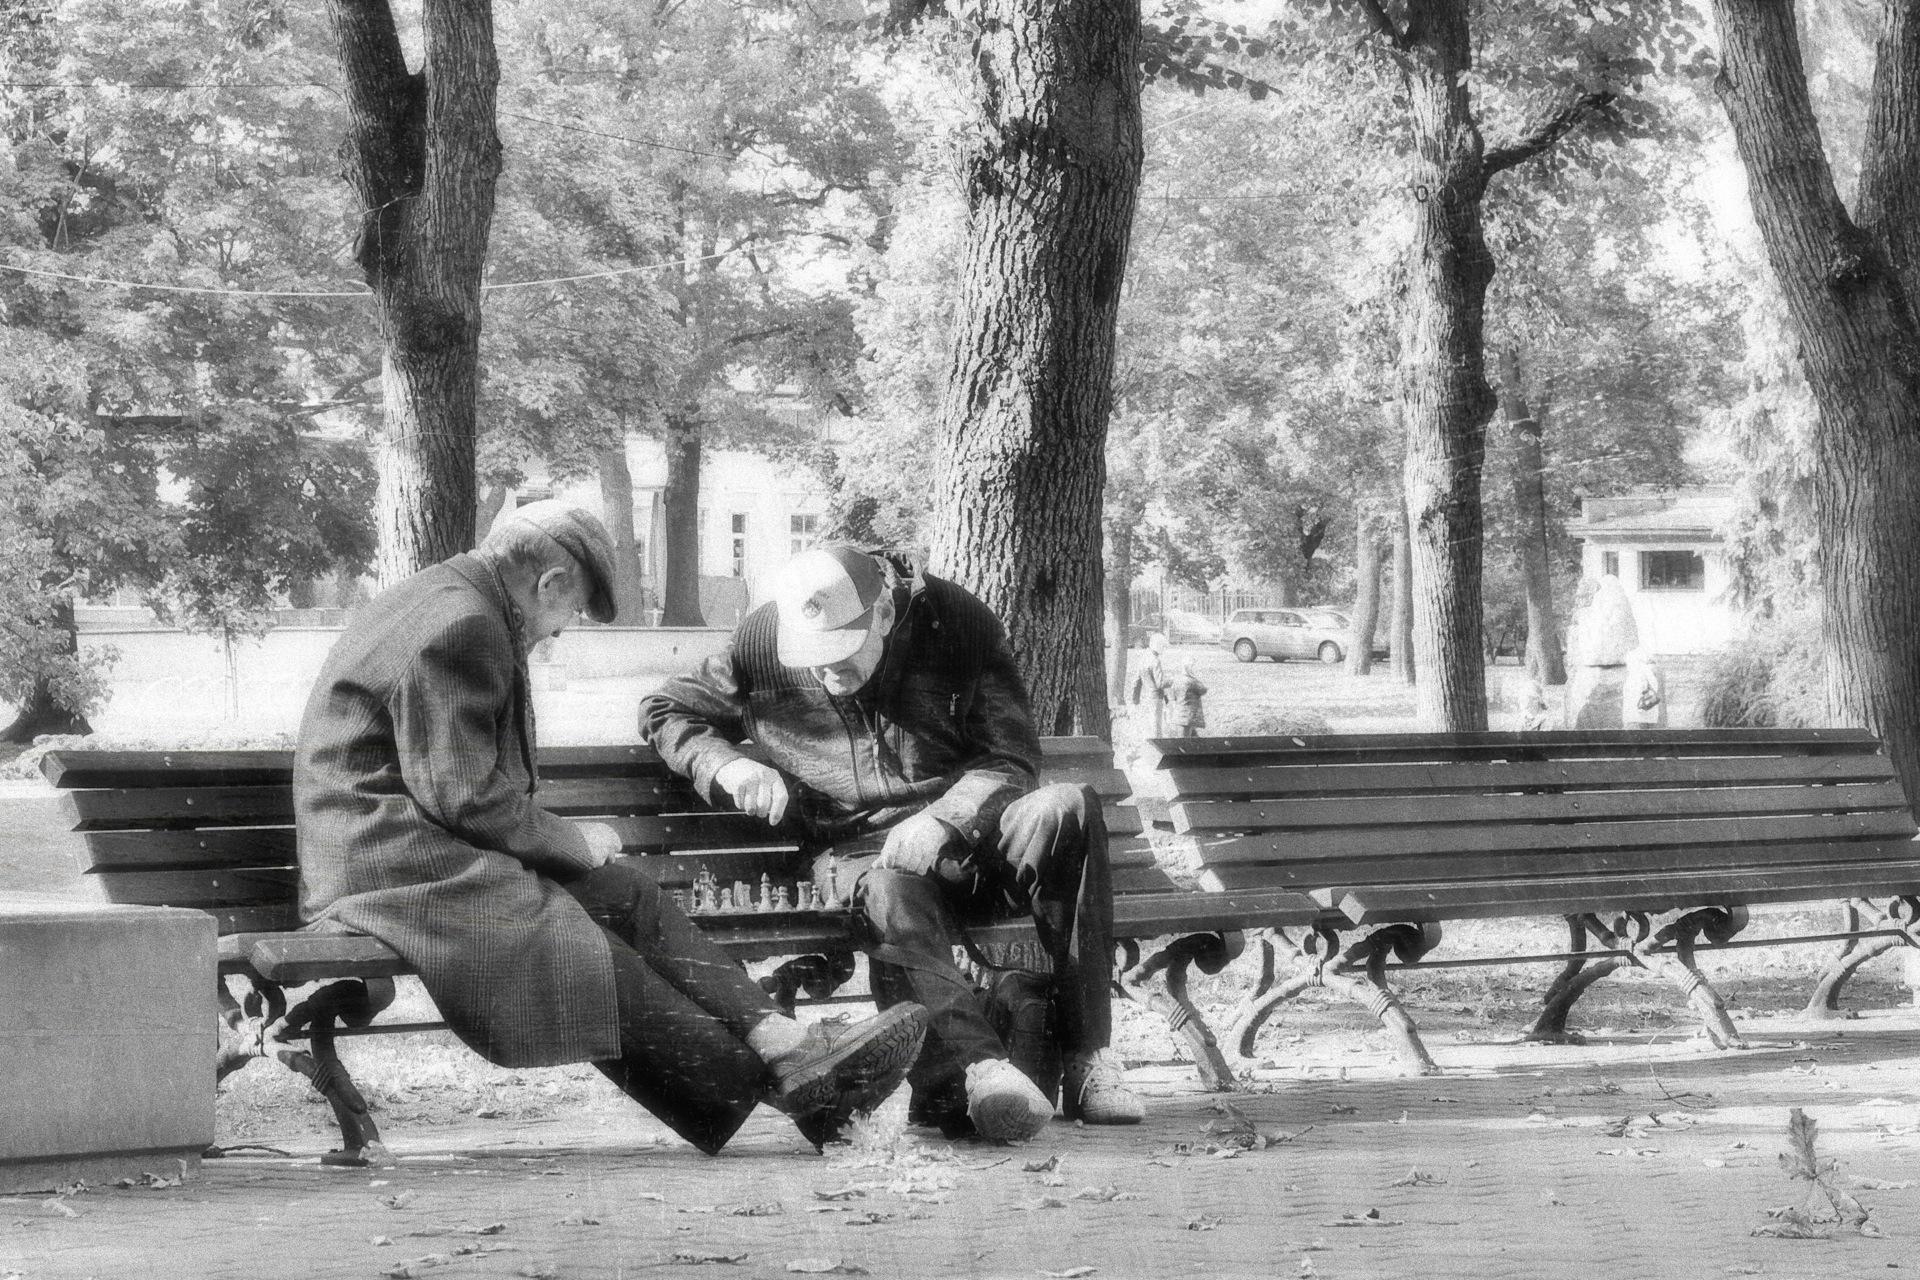 Bild: Die Schachspieler in Wöhrmanns Garten - dem Vērmanes dārzs - sind für mich ein Markenzeichen der Stadt Rīga. OLYMPUS OM-D E-M5 mit M.ZUIKO DIGITAL ED 12‑40mm 1:2.8. ISO 200 ¦ f/5,6 ¦ 40 mm ¦ 1/125 s ¦ kein Blitz. Klicken Sie auf das Bild um es zu vergrößern.